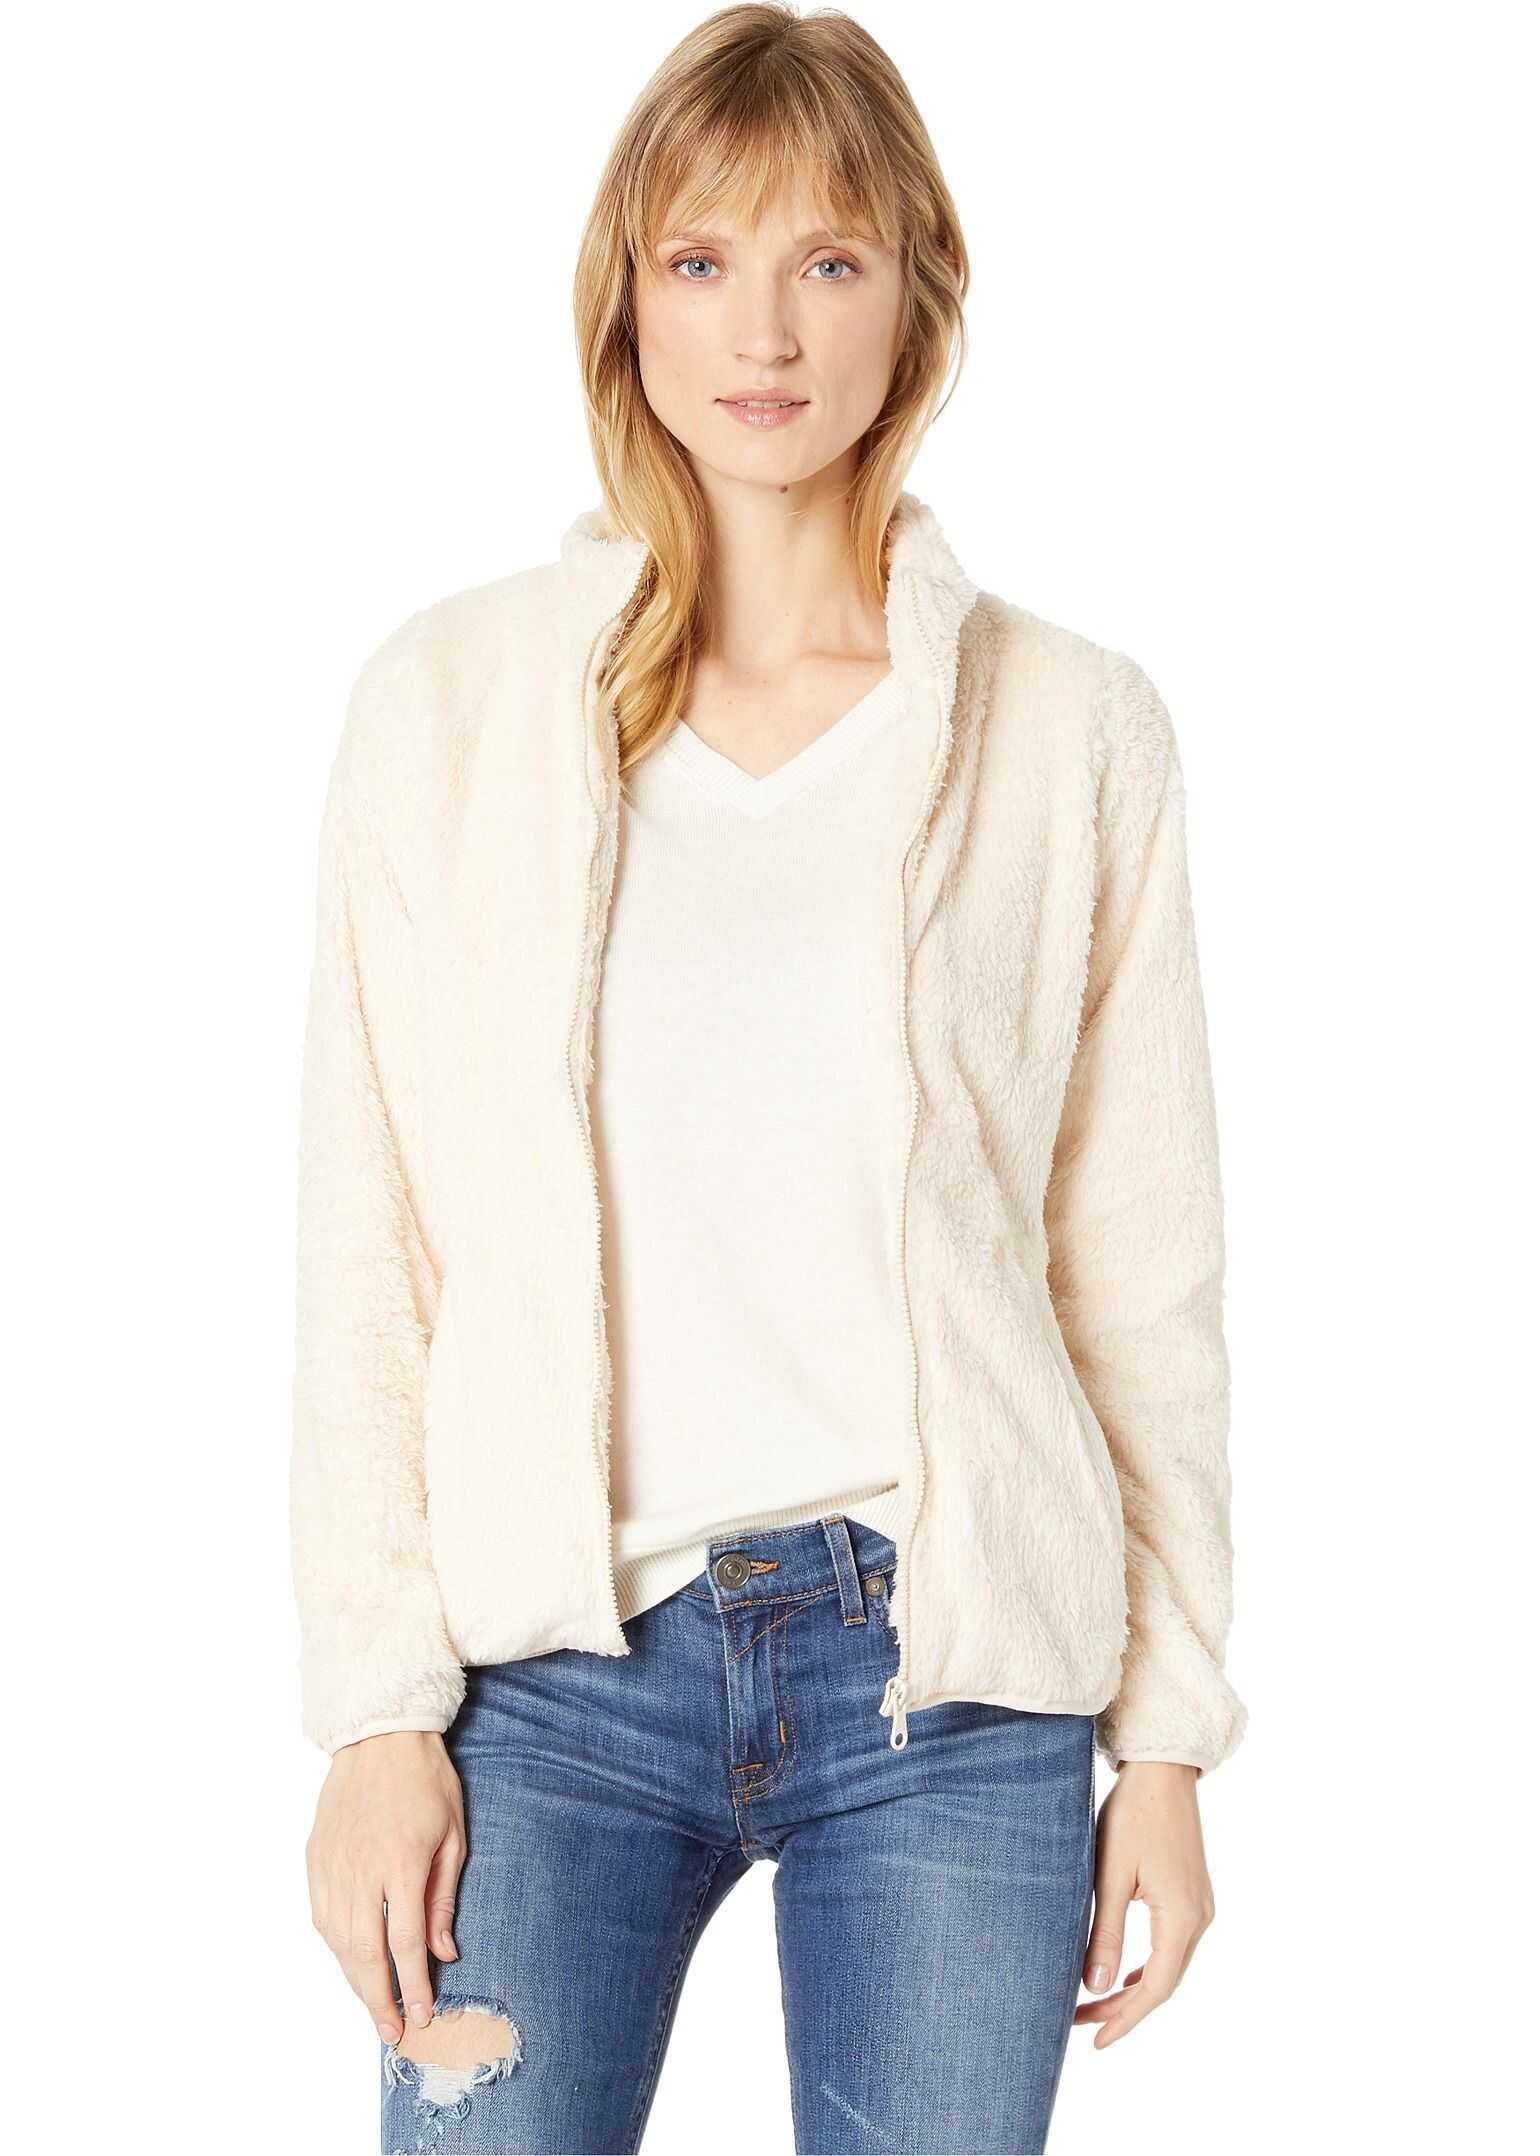 U.S. POLO ASSN. Fleece Jacket Almond